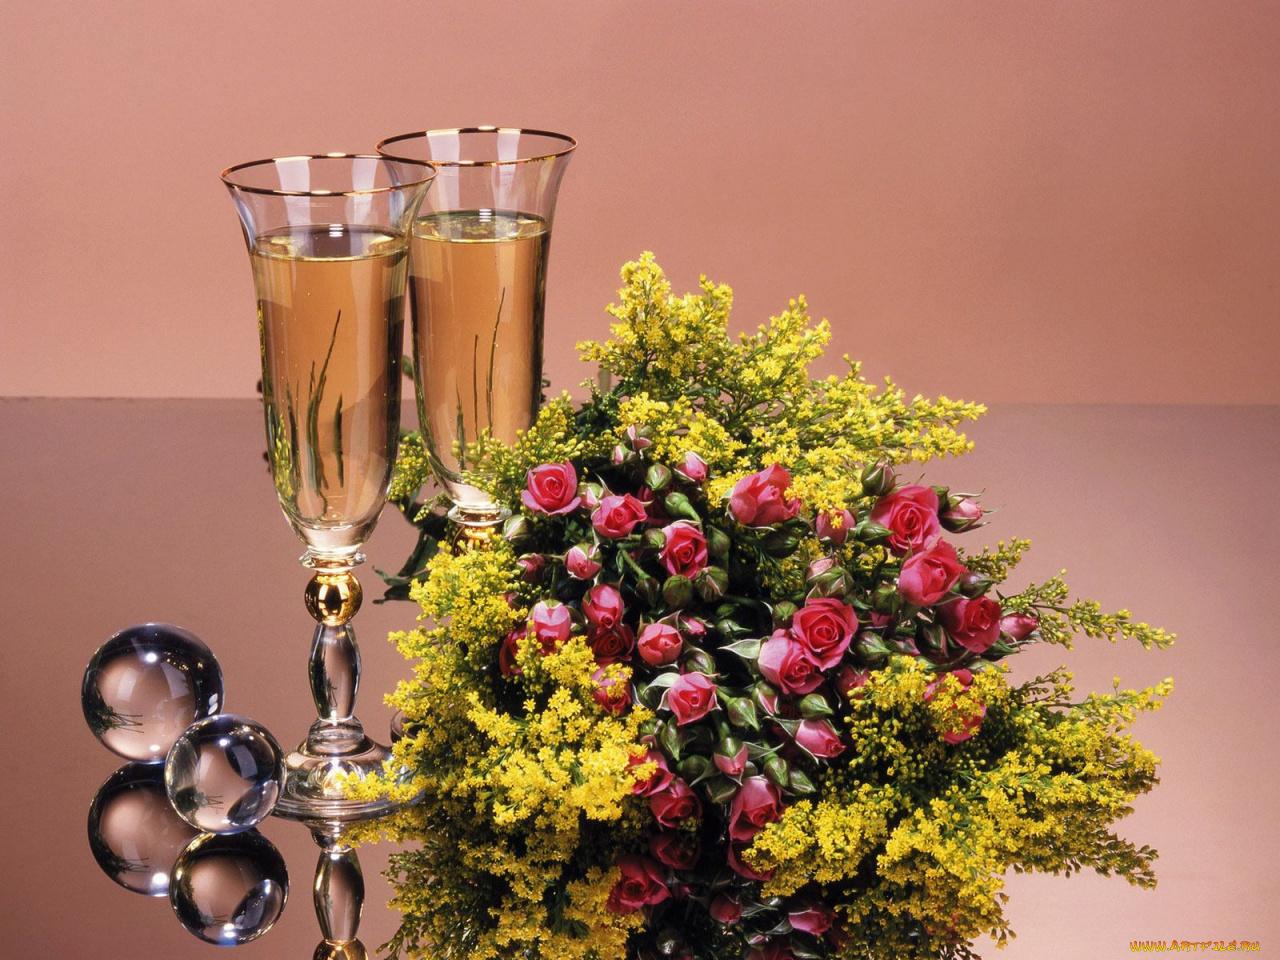 Открытки с цветами и вино, открытки